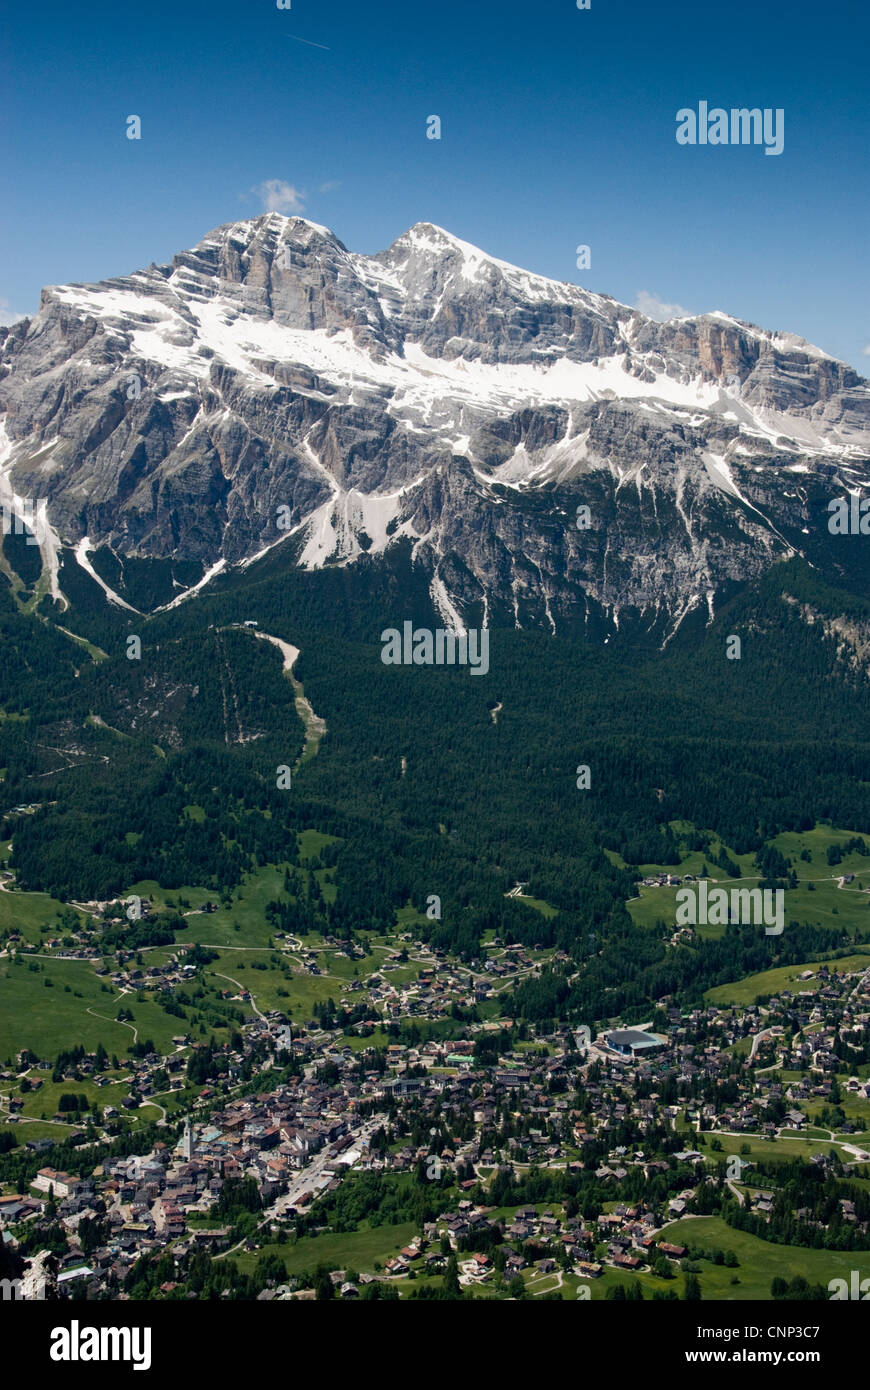 La Tofana di Dentro il picco aumenta al di sopra di Cortina d'Ampezzo nelle Dolomiti, Italia Immagini Stock